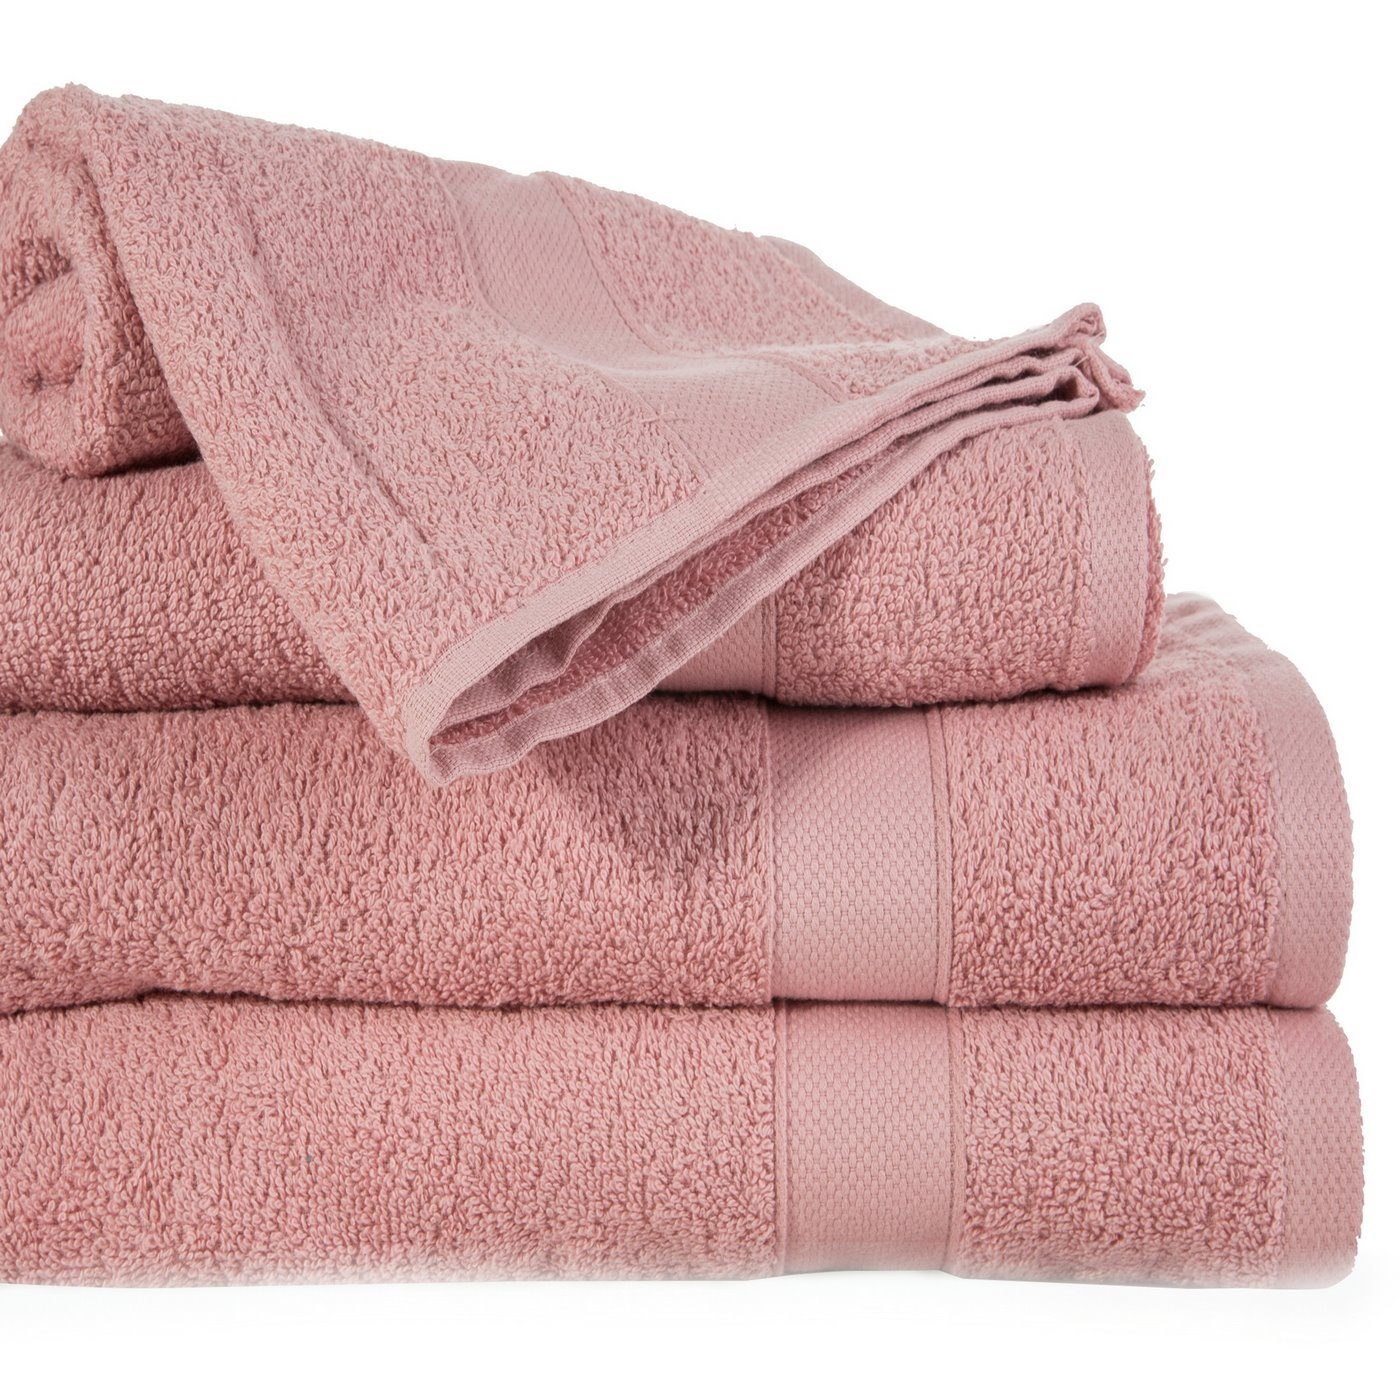 Miękki chłonny ręcznik kąpielowy liliowy 70x140